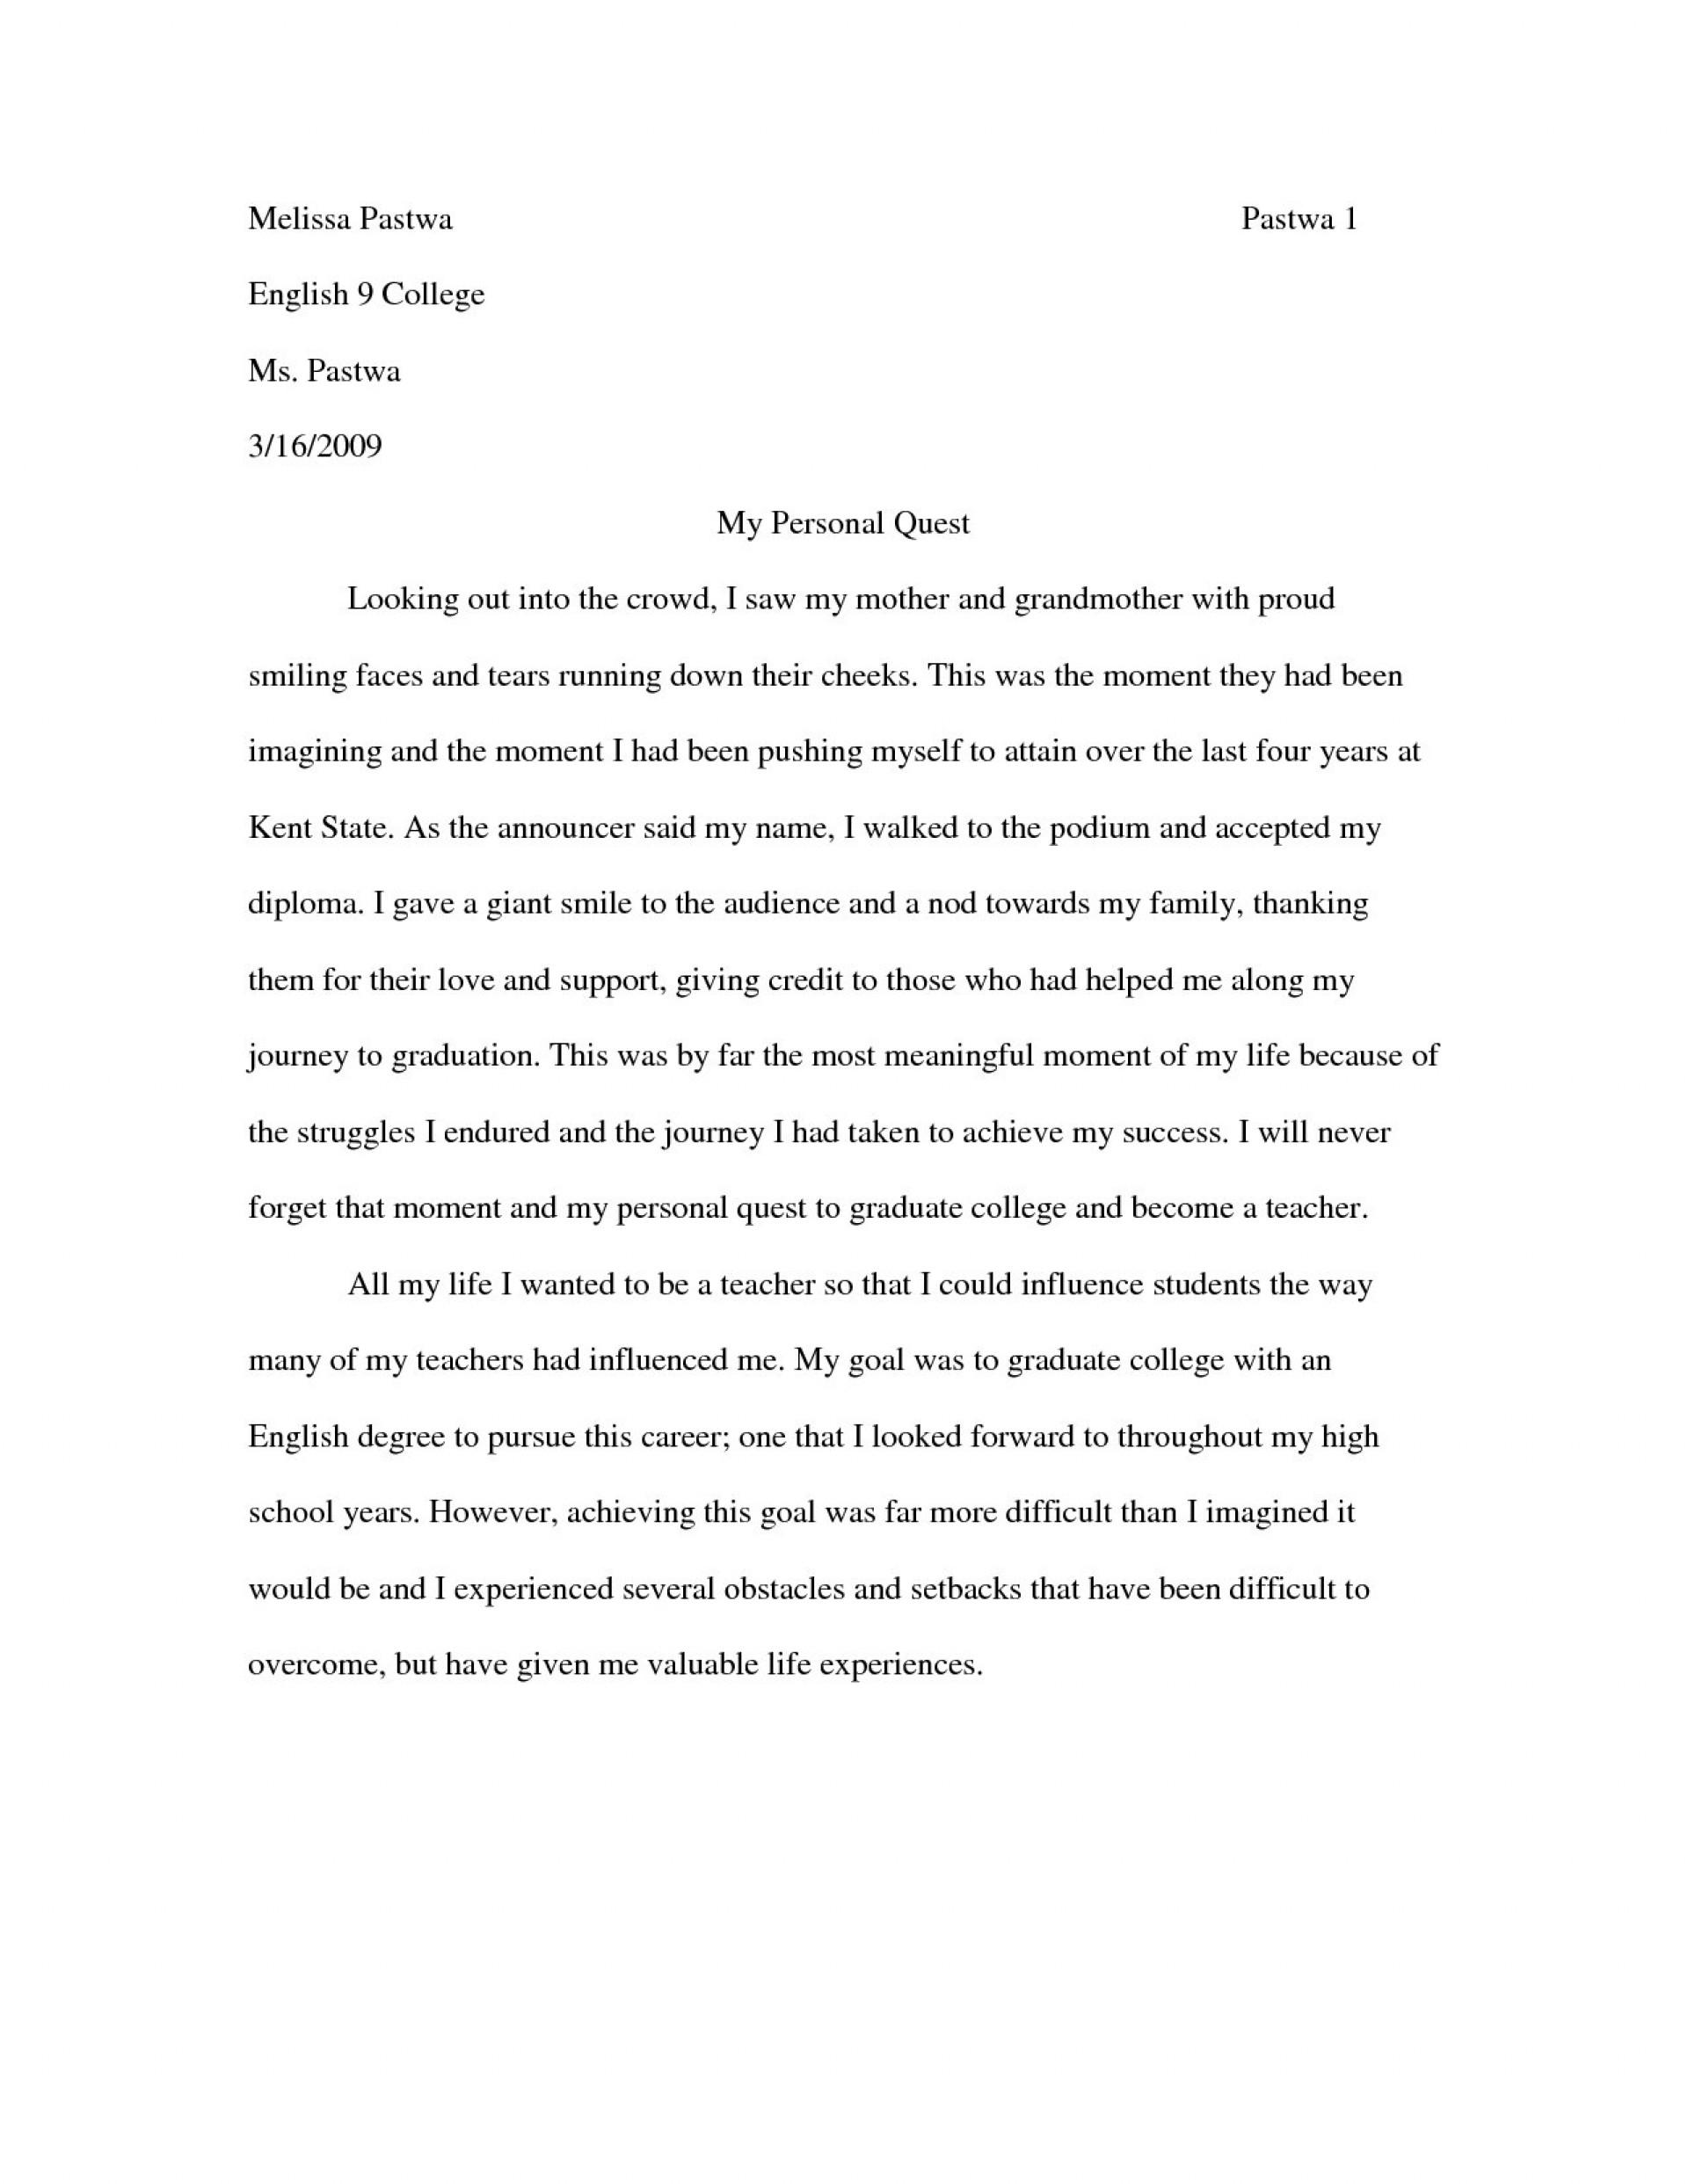 011 Narration Essay Example What Narrative College L Unbelievable Format Outline Pdf 1920